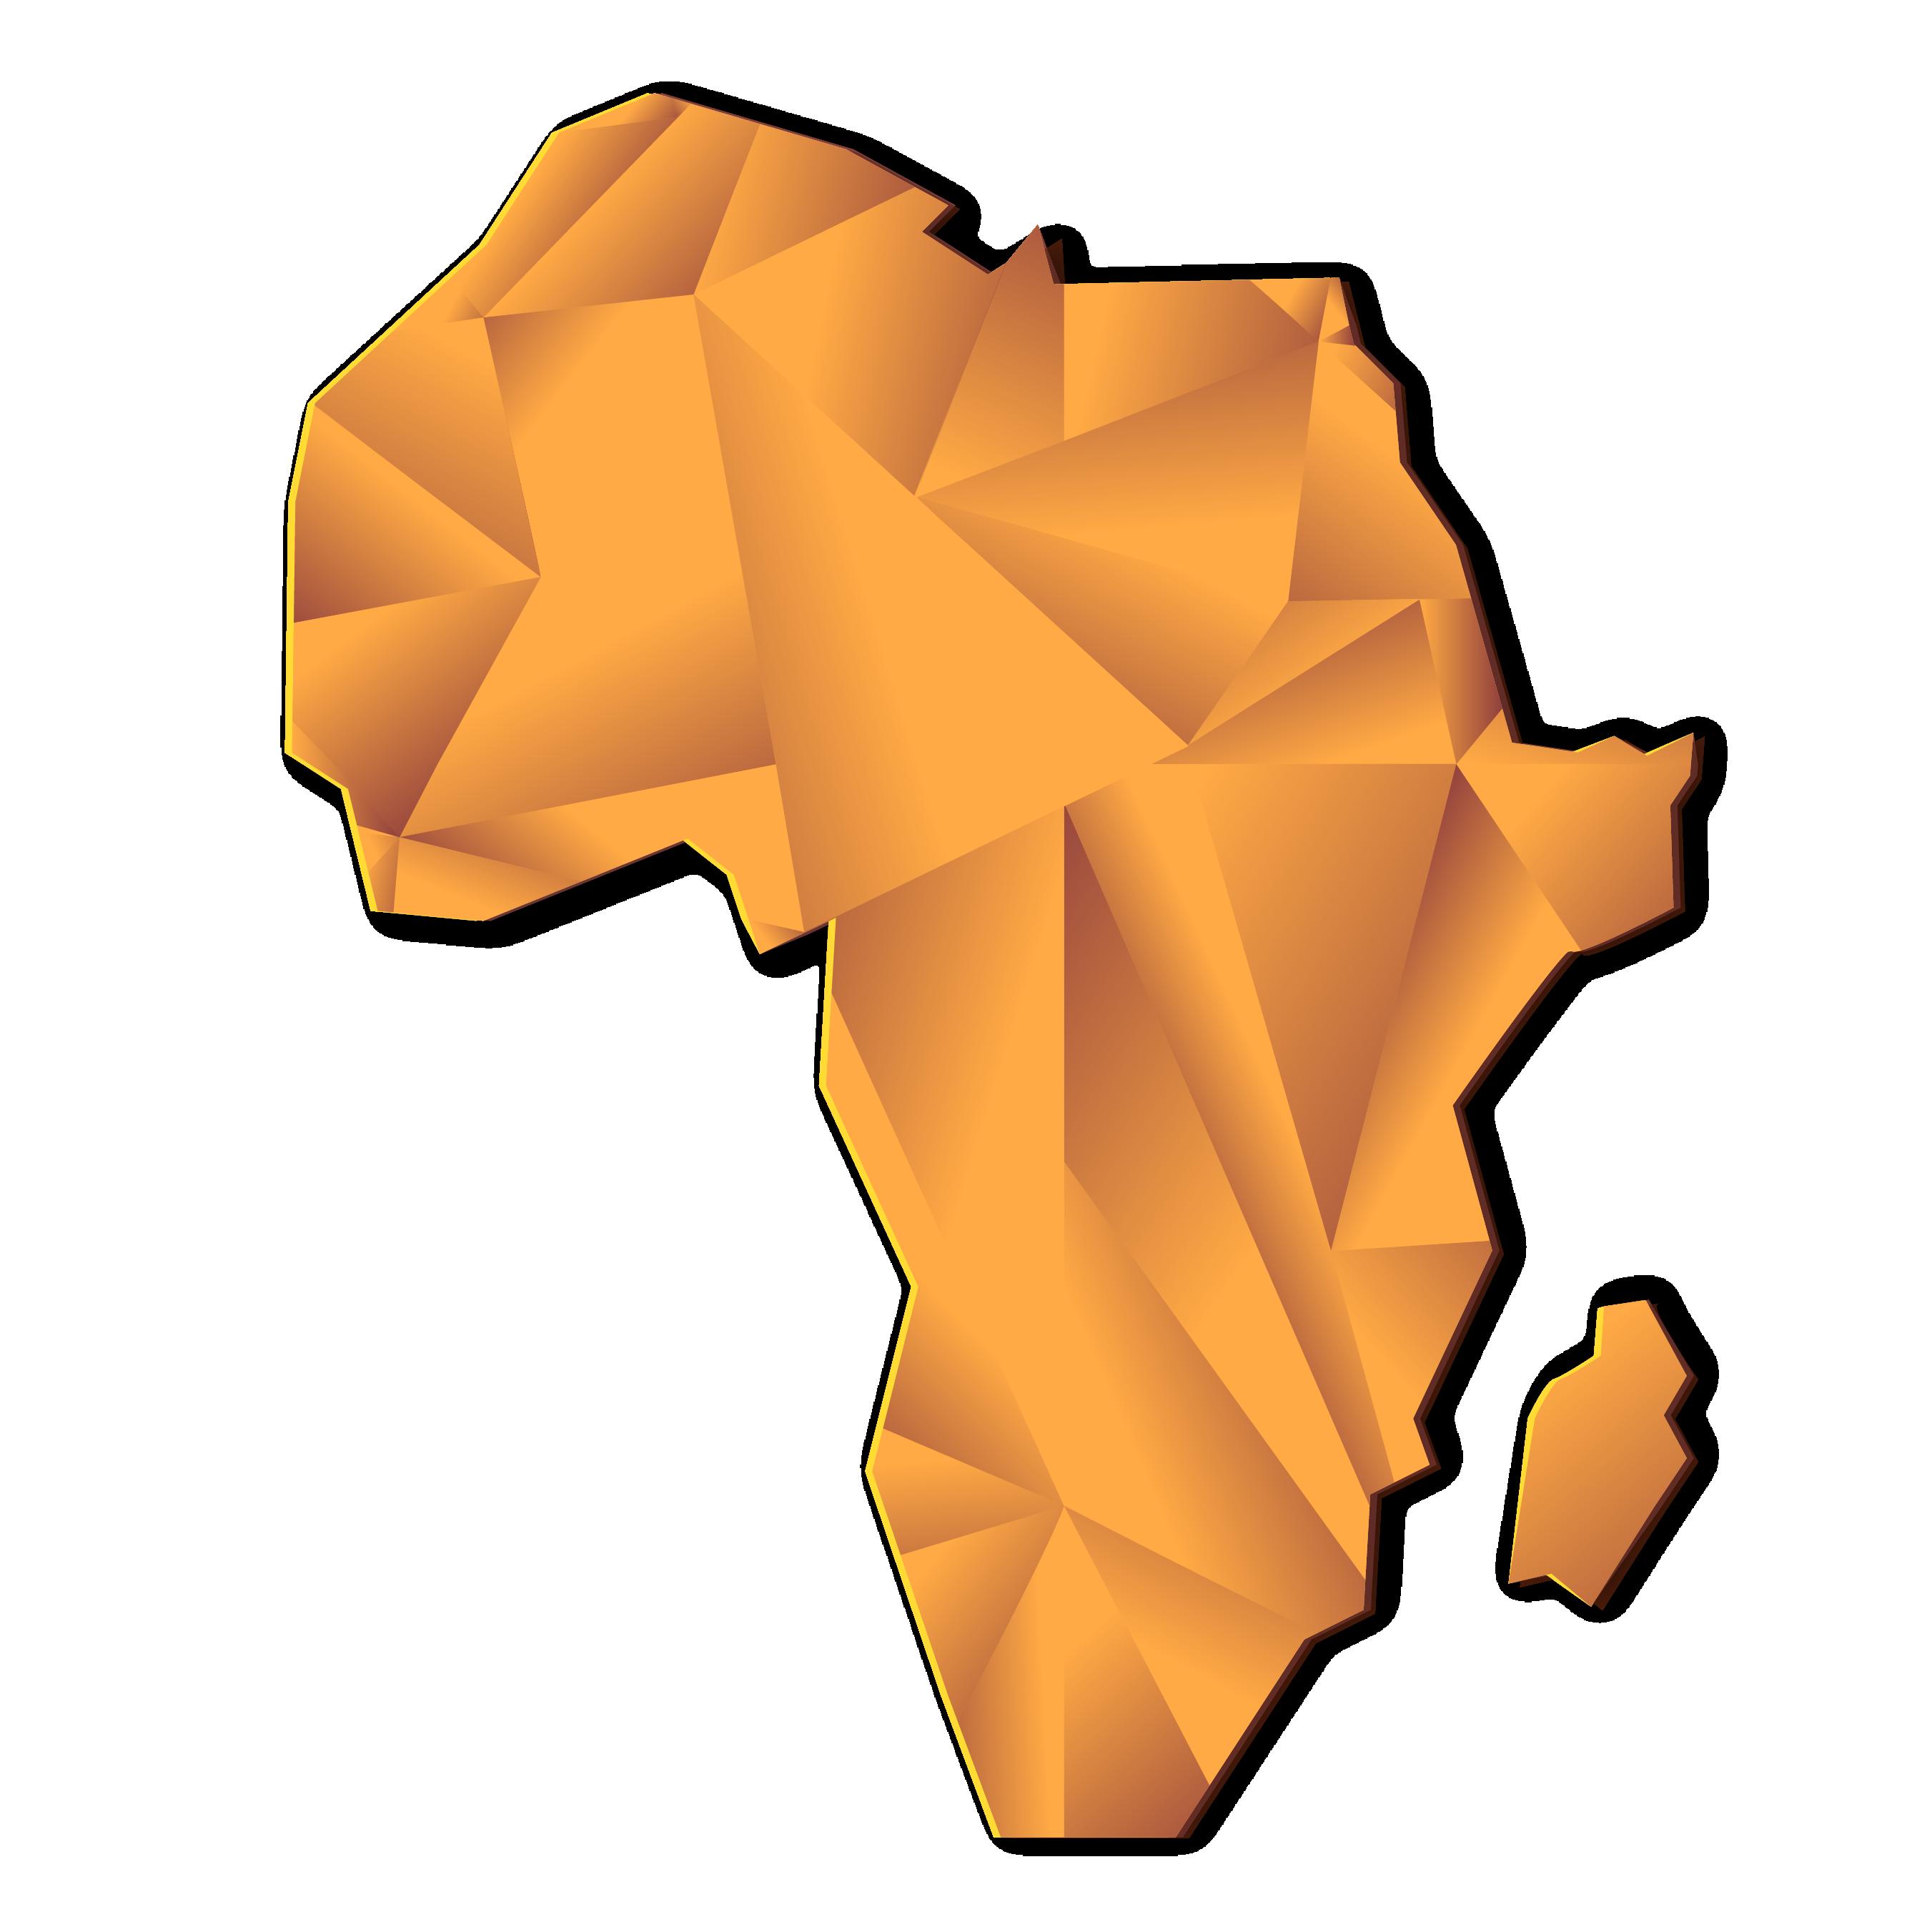 telegram members from africa